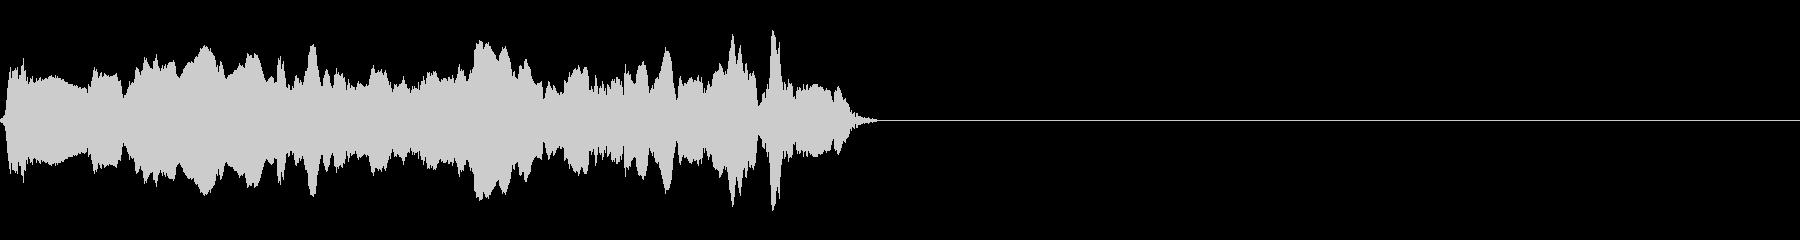 トーンハーモニックスライディングア...の未再生の波形